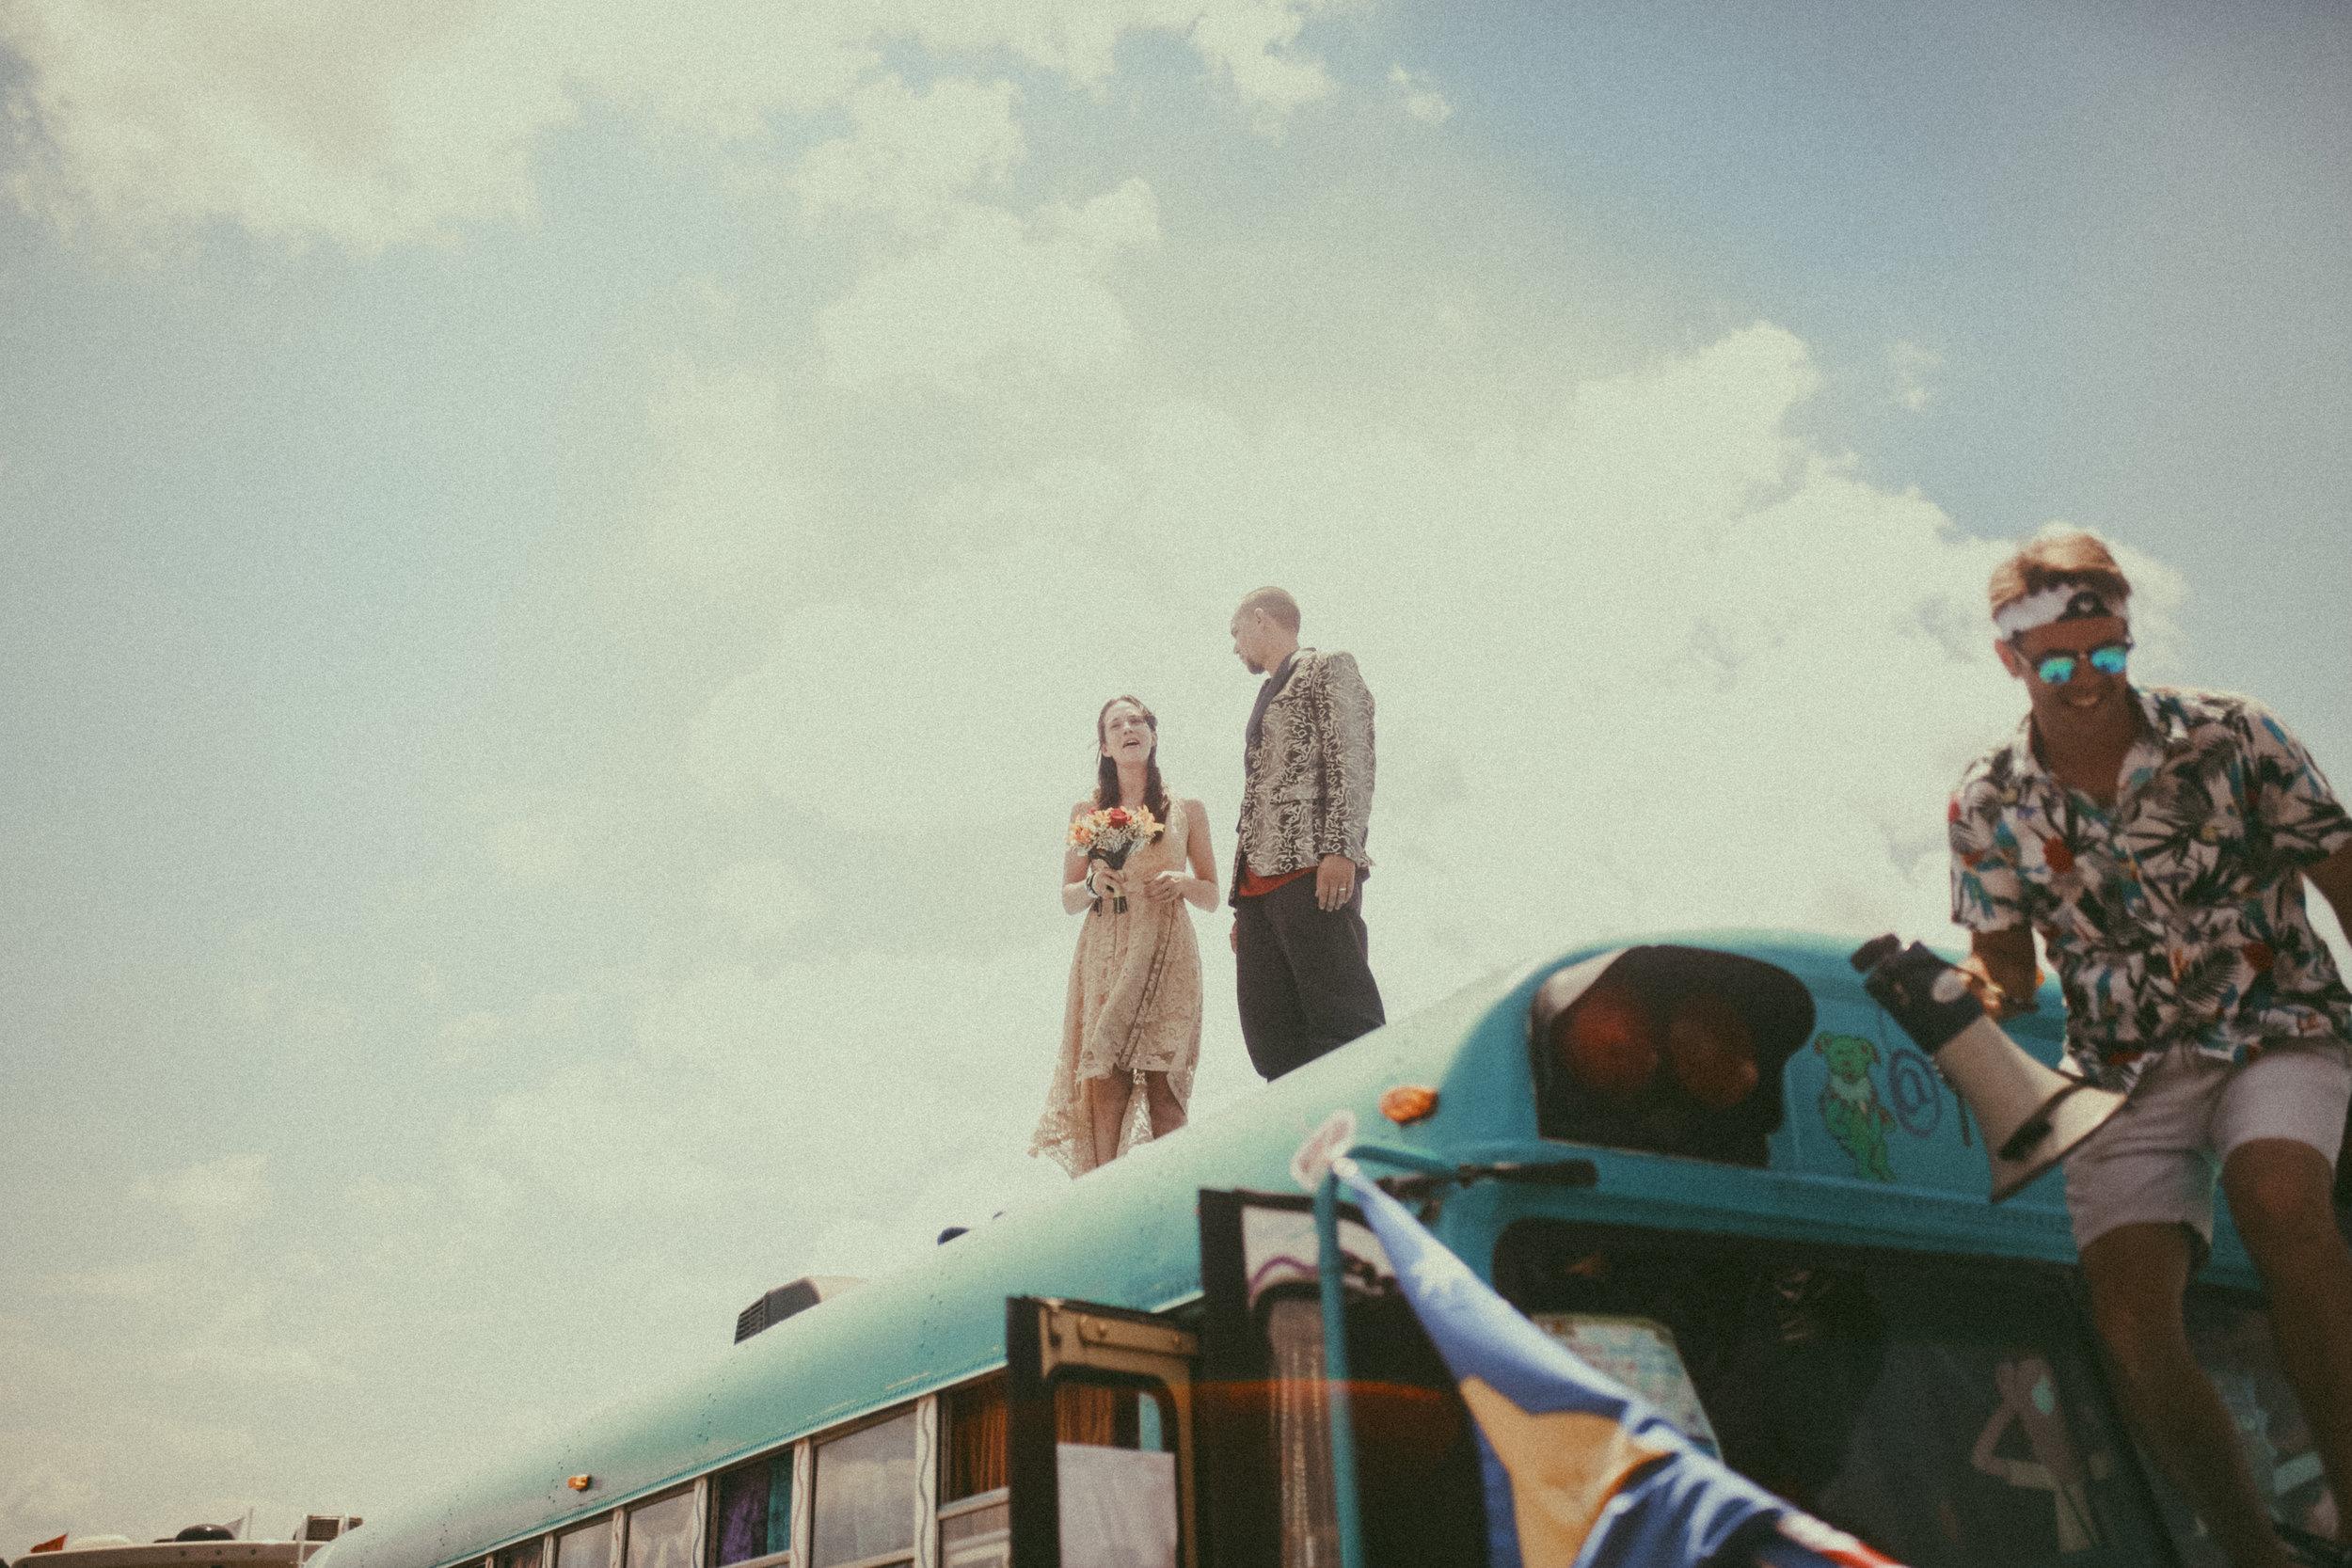 Bonnaroo-MusicFestivalWedding-Brittany&Kevin-32.jpg